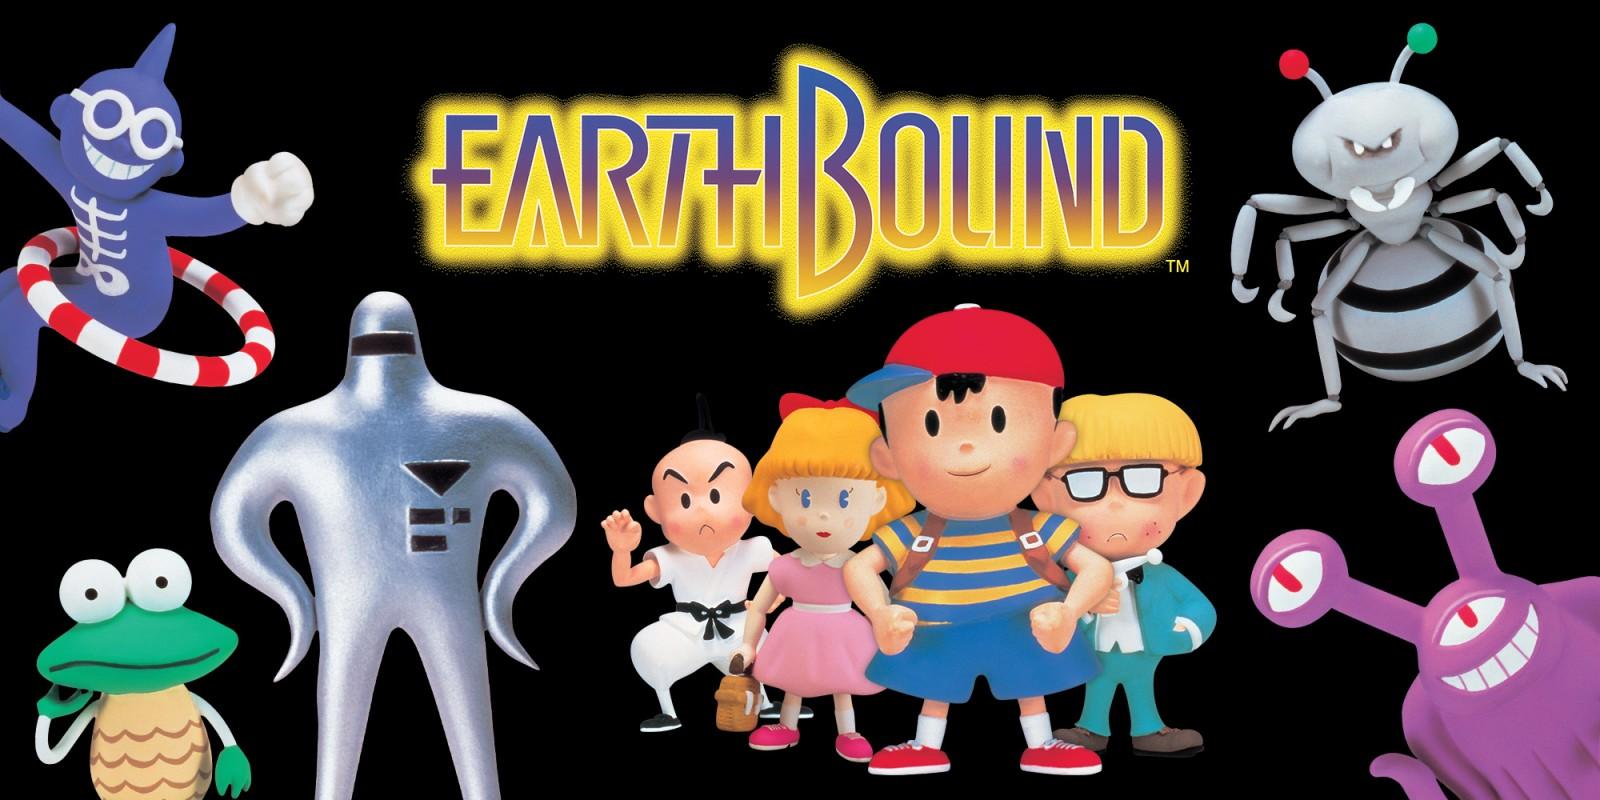 EarthBound Super Nintendo Games Nintendo